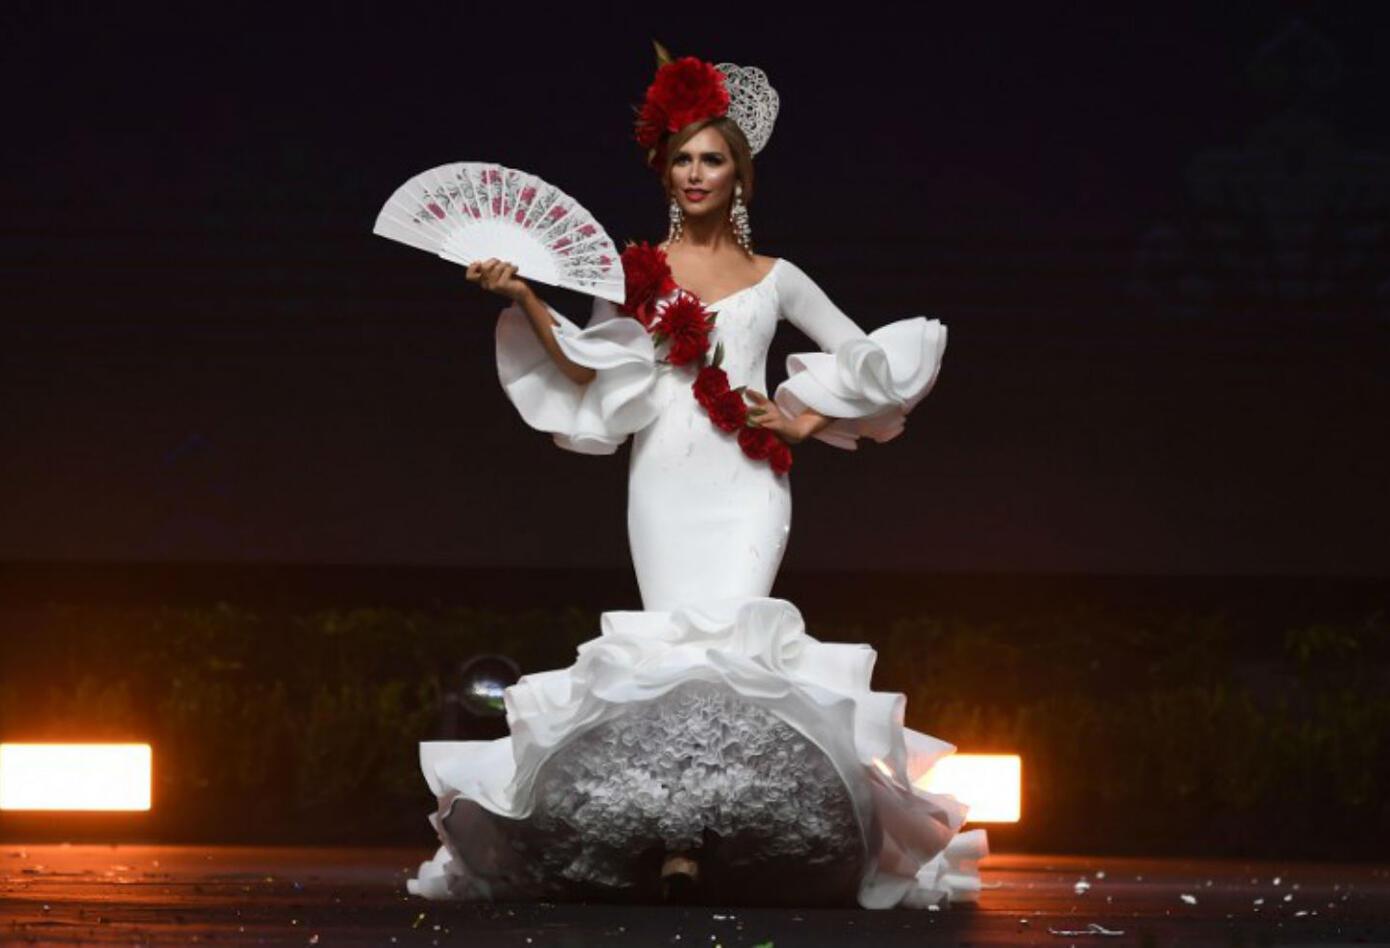 Traje típico de Angela Ponce, Miss España, en Miss Universo 2018